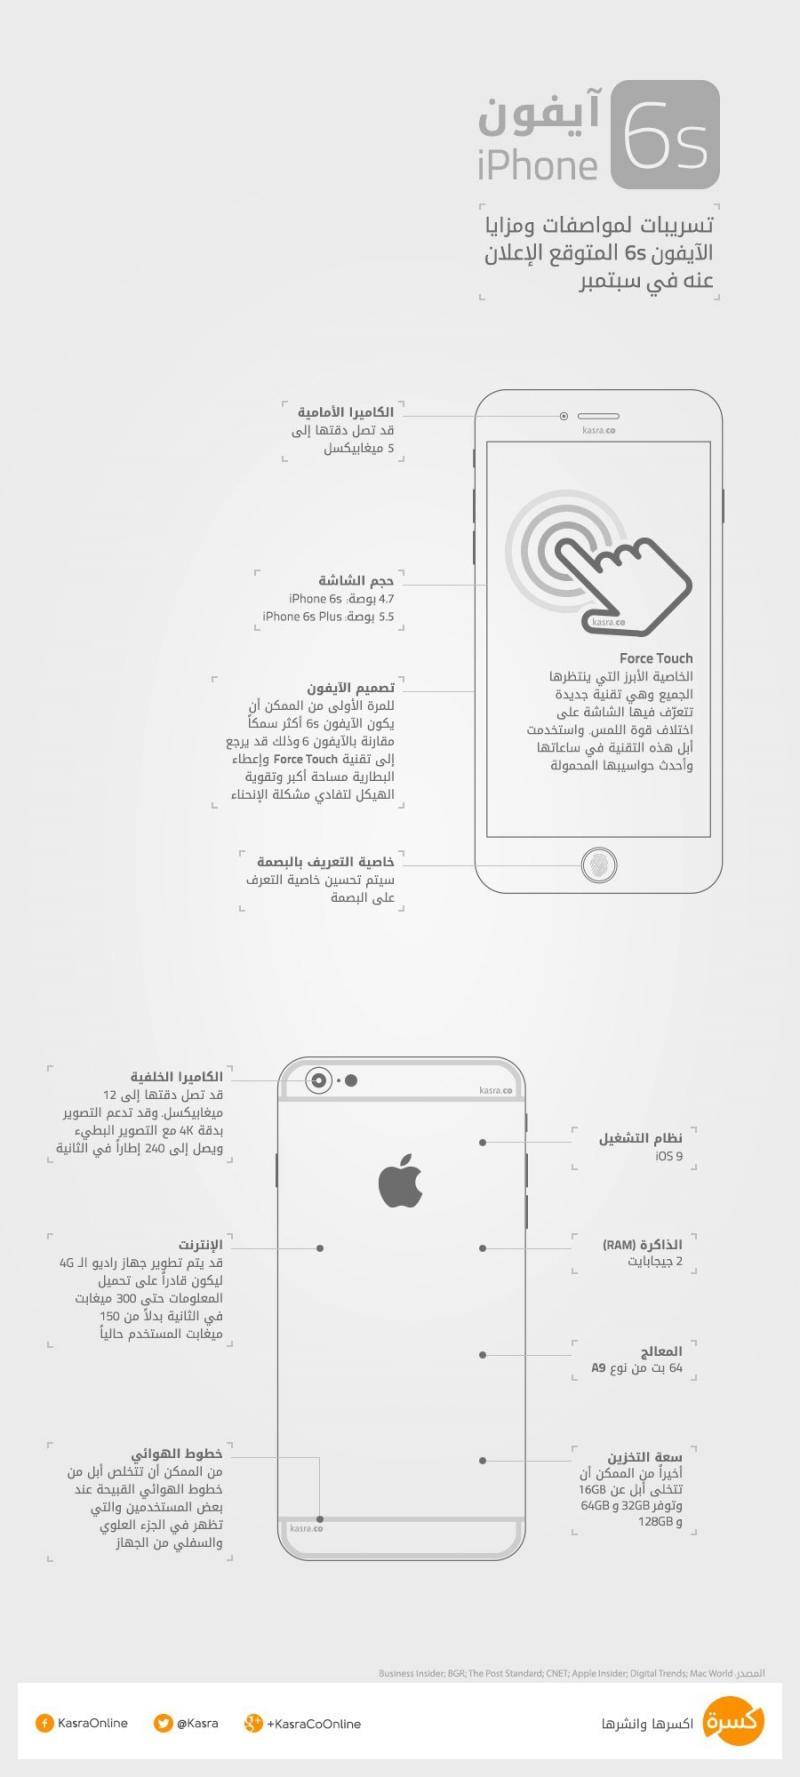 مواصفات آيفون ٦ اس #انفوجرافيك #آبل